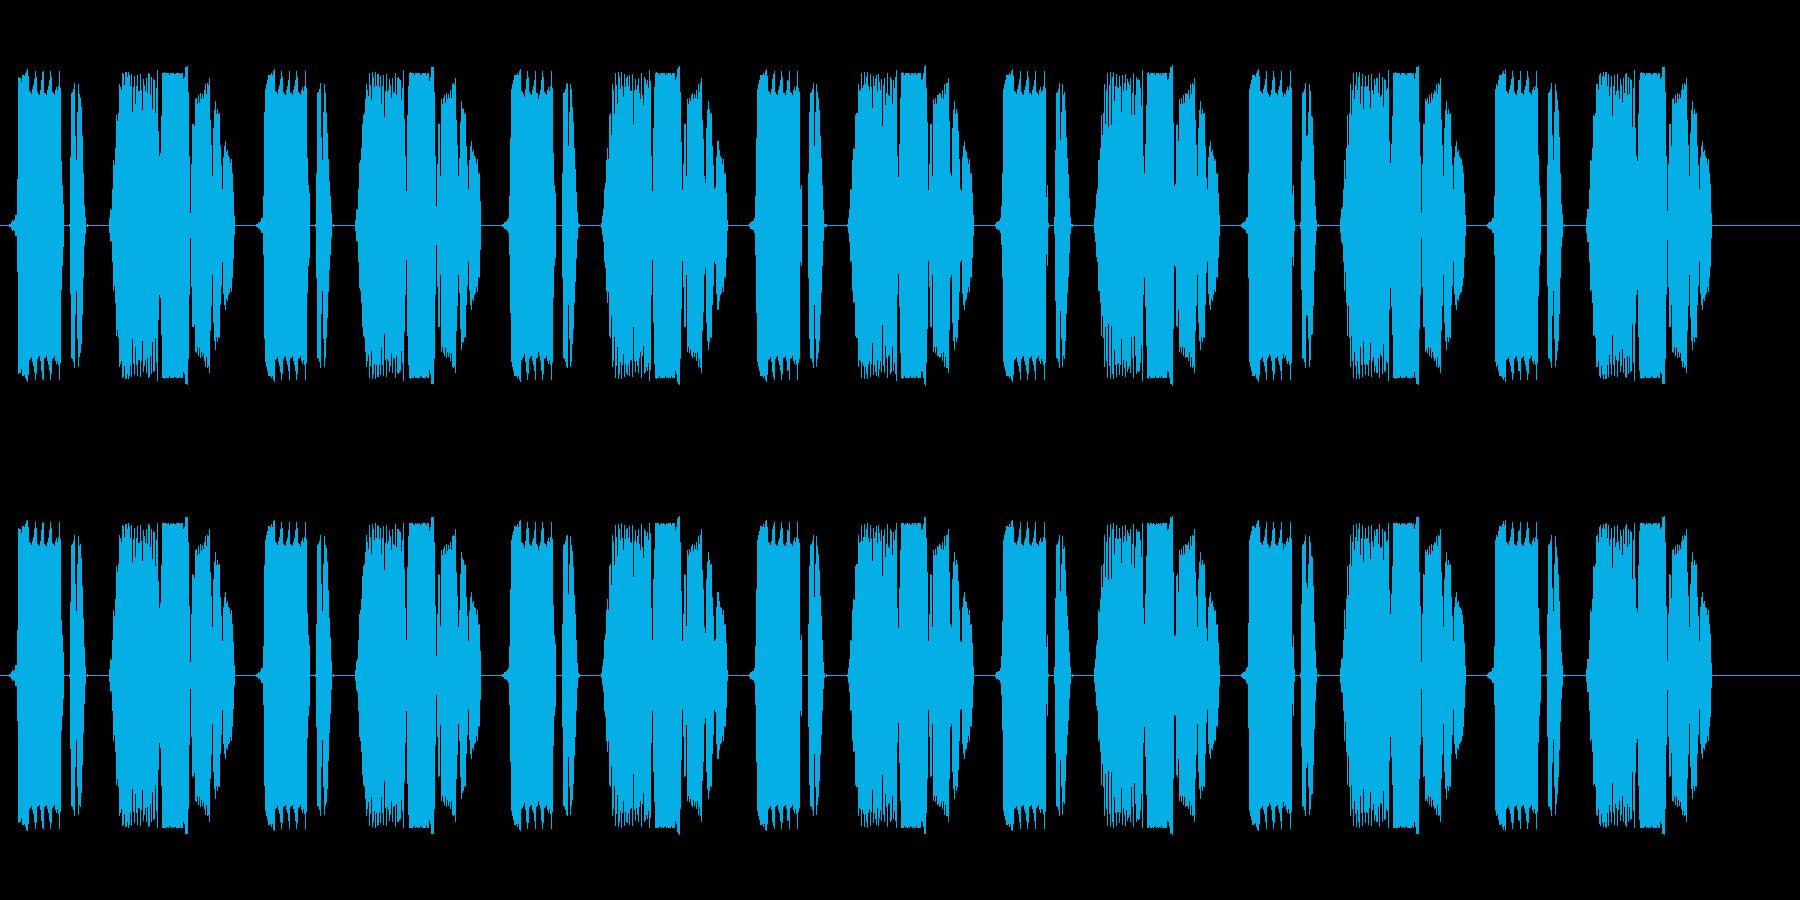 ビチョビチョビチョ(電子音)の再生済みの波形